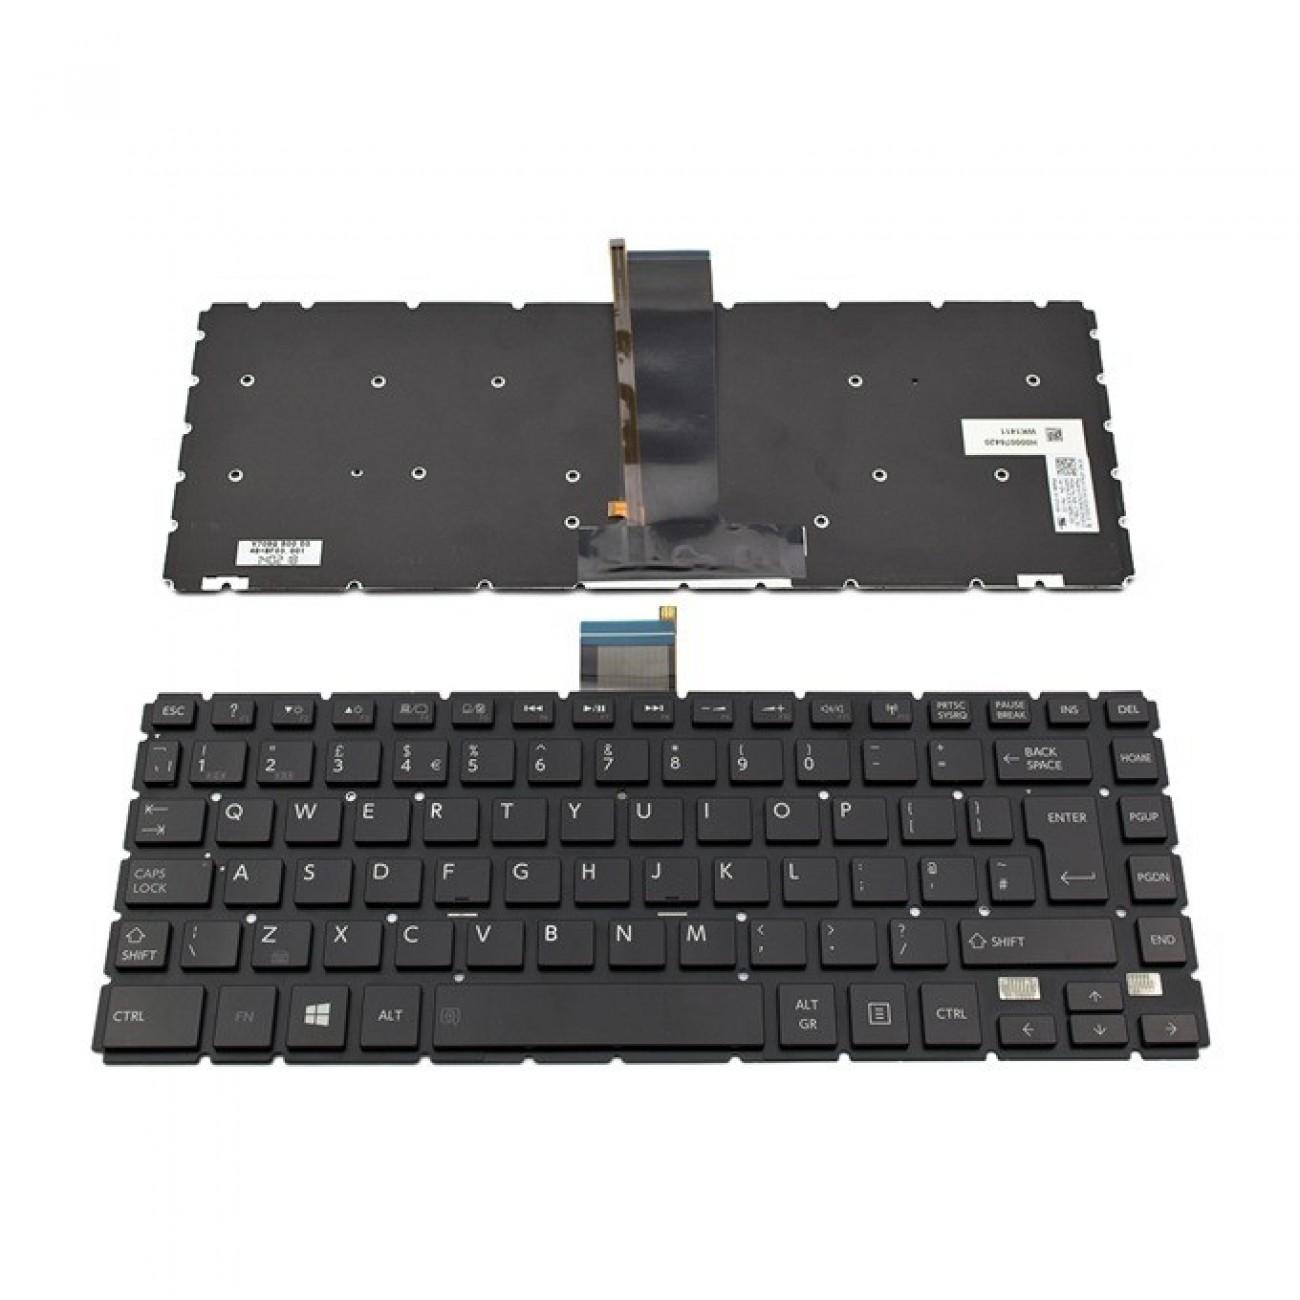 Клавиатура за Toshiba Satellite E45T-B/L40-B/S40-B, UK, без рамка, с подсветка, черна в Резервни части -    Alleop